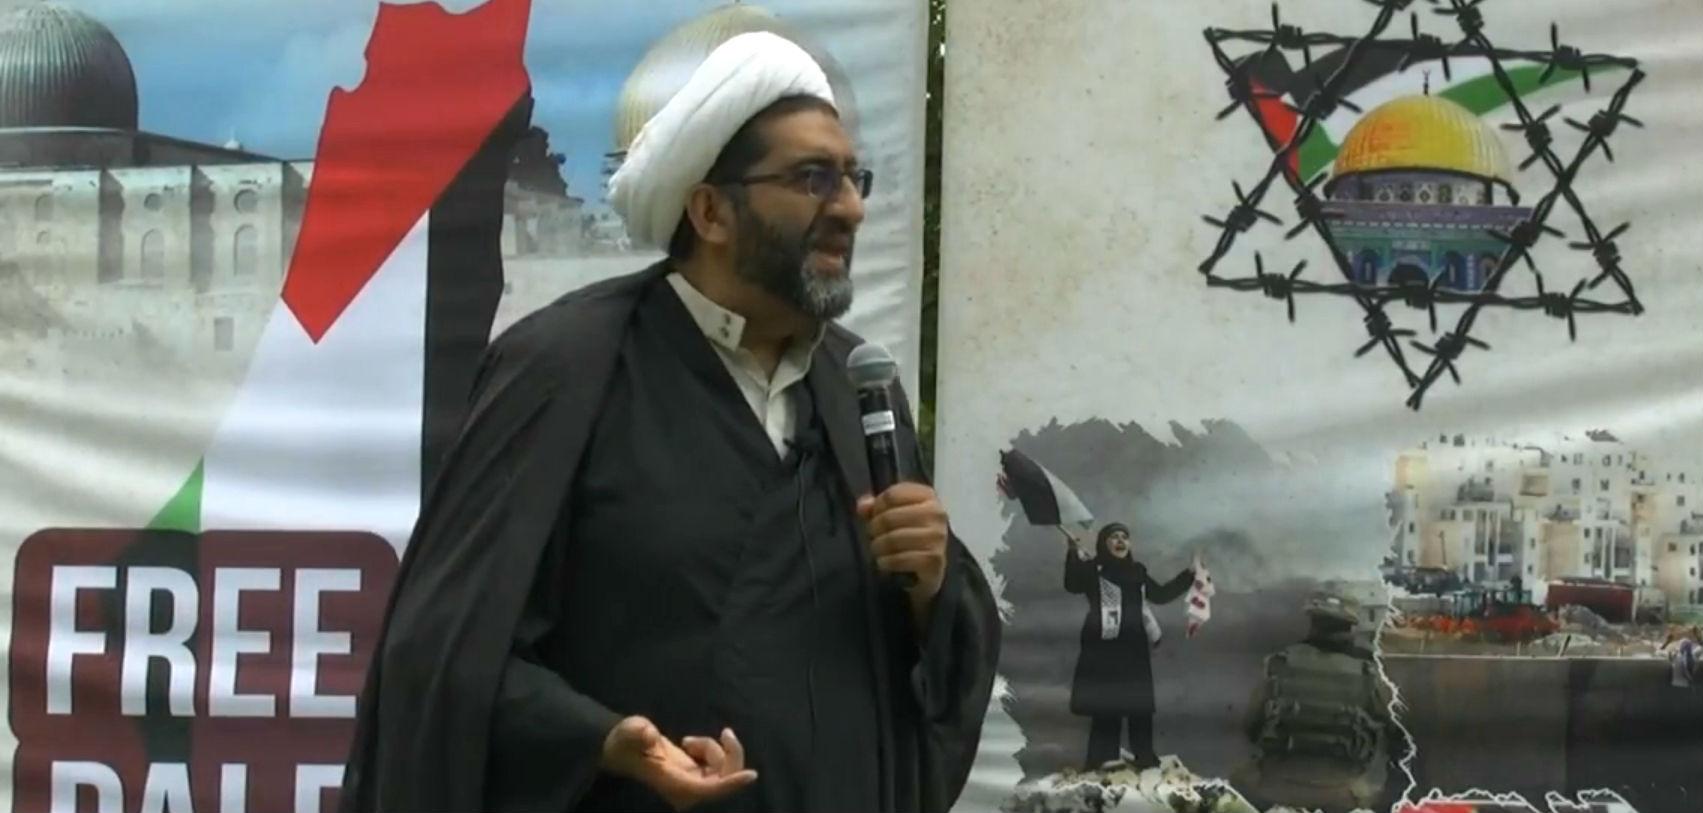 Toronto : L'imam Shafiq Hudda promet «l'éradication d'Israël et de l'empire américain»